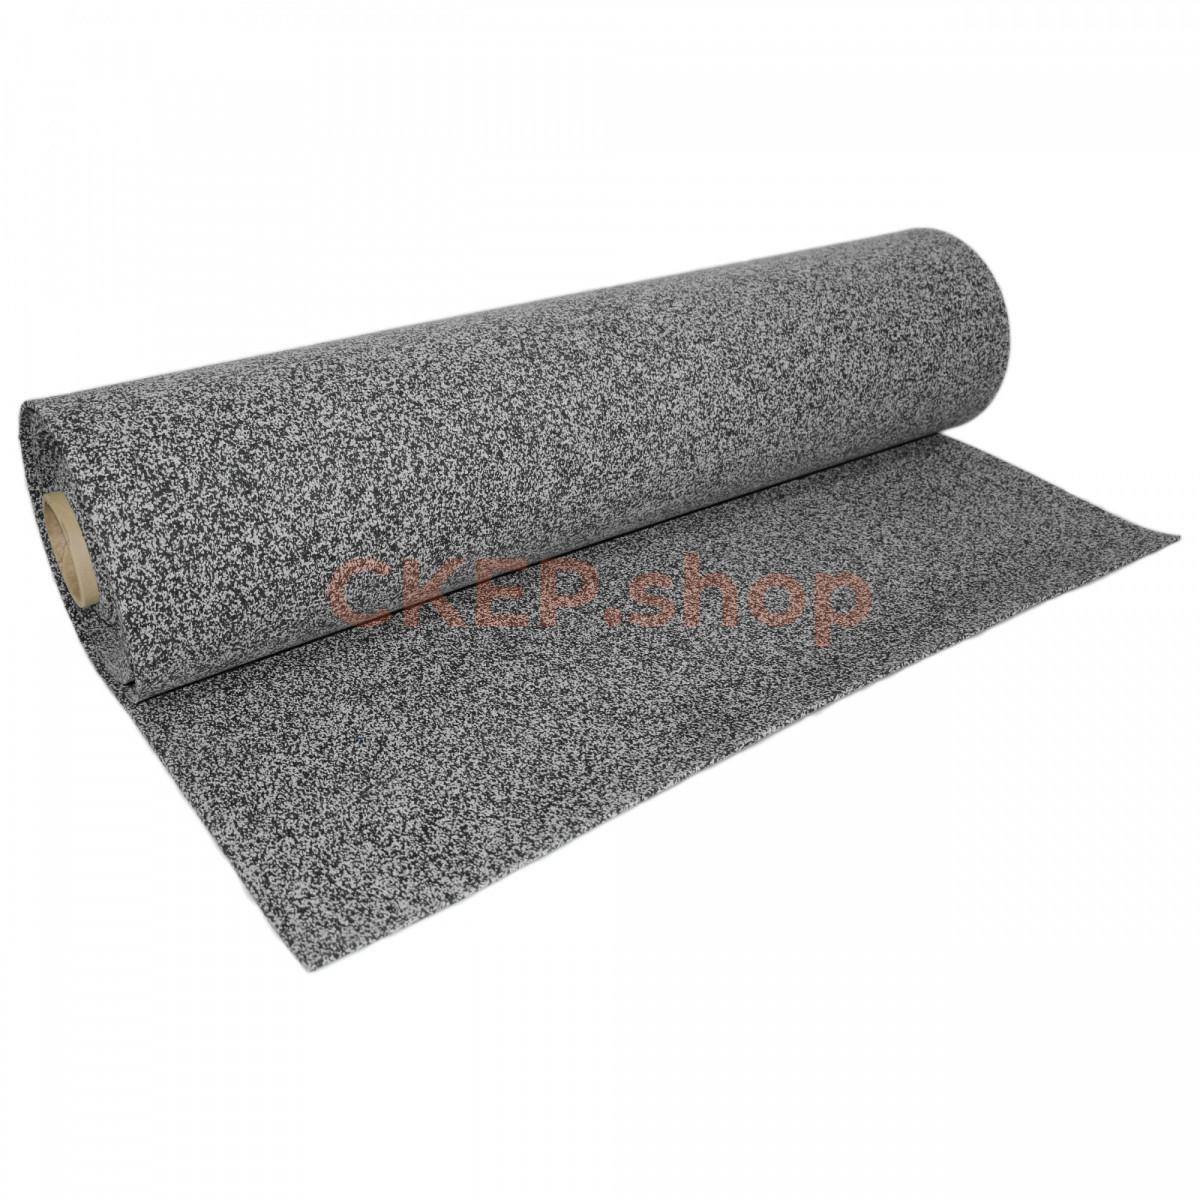 Рулонное резиновое покрытие EPDM 50%, 12 мм, серое